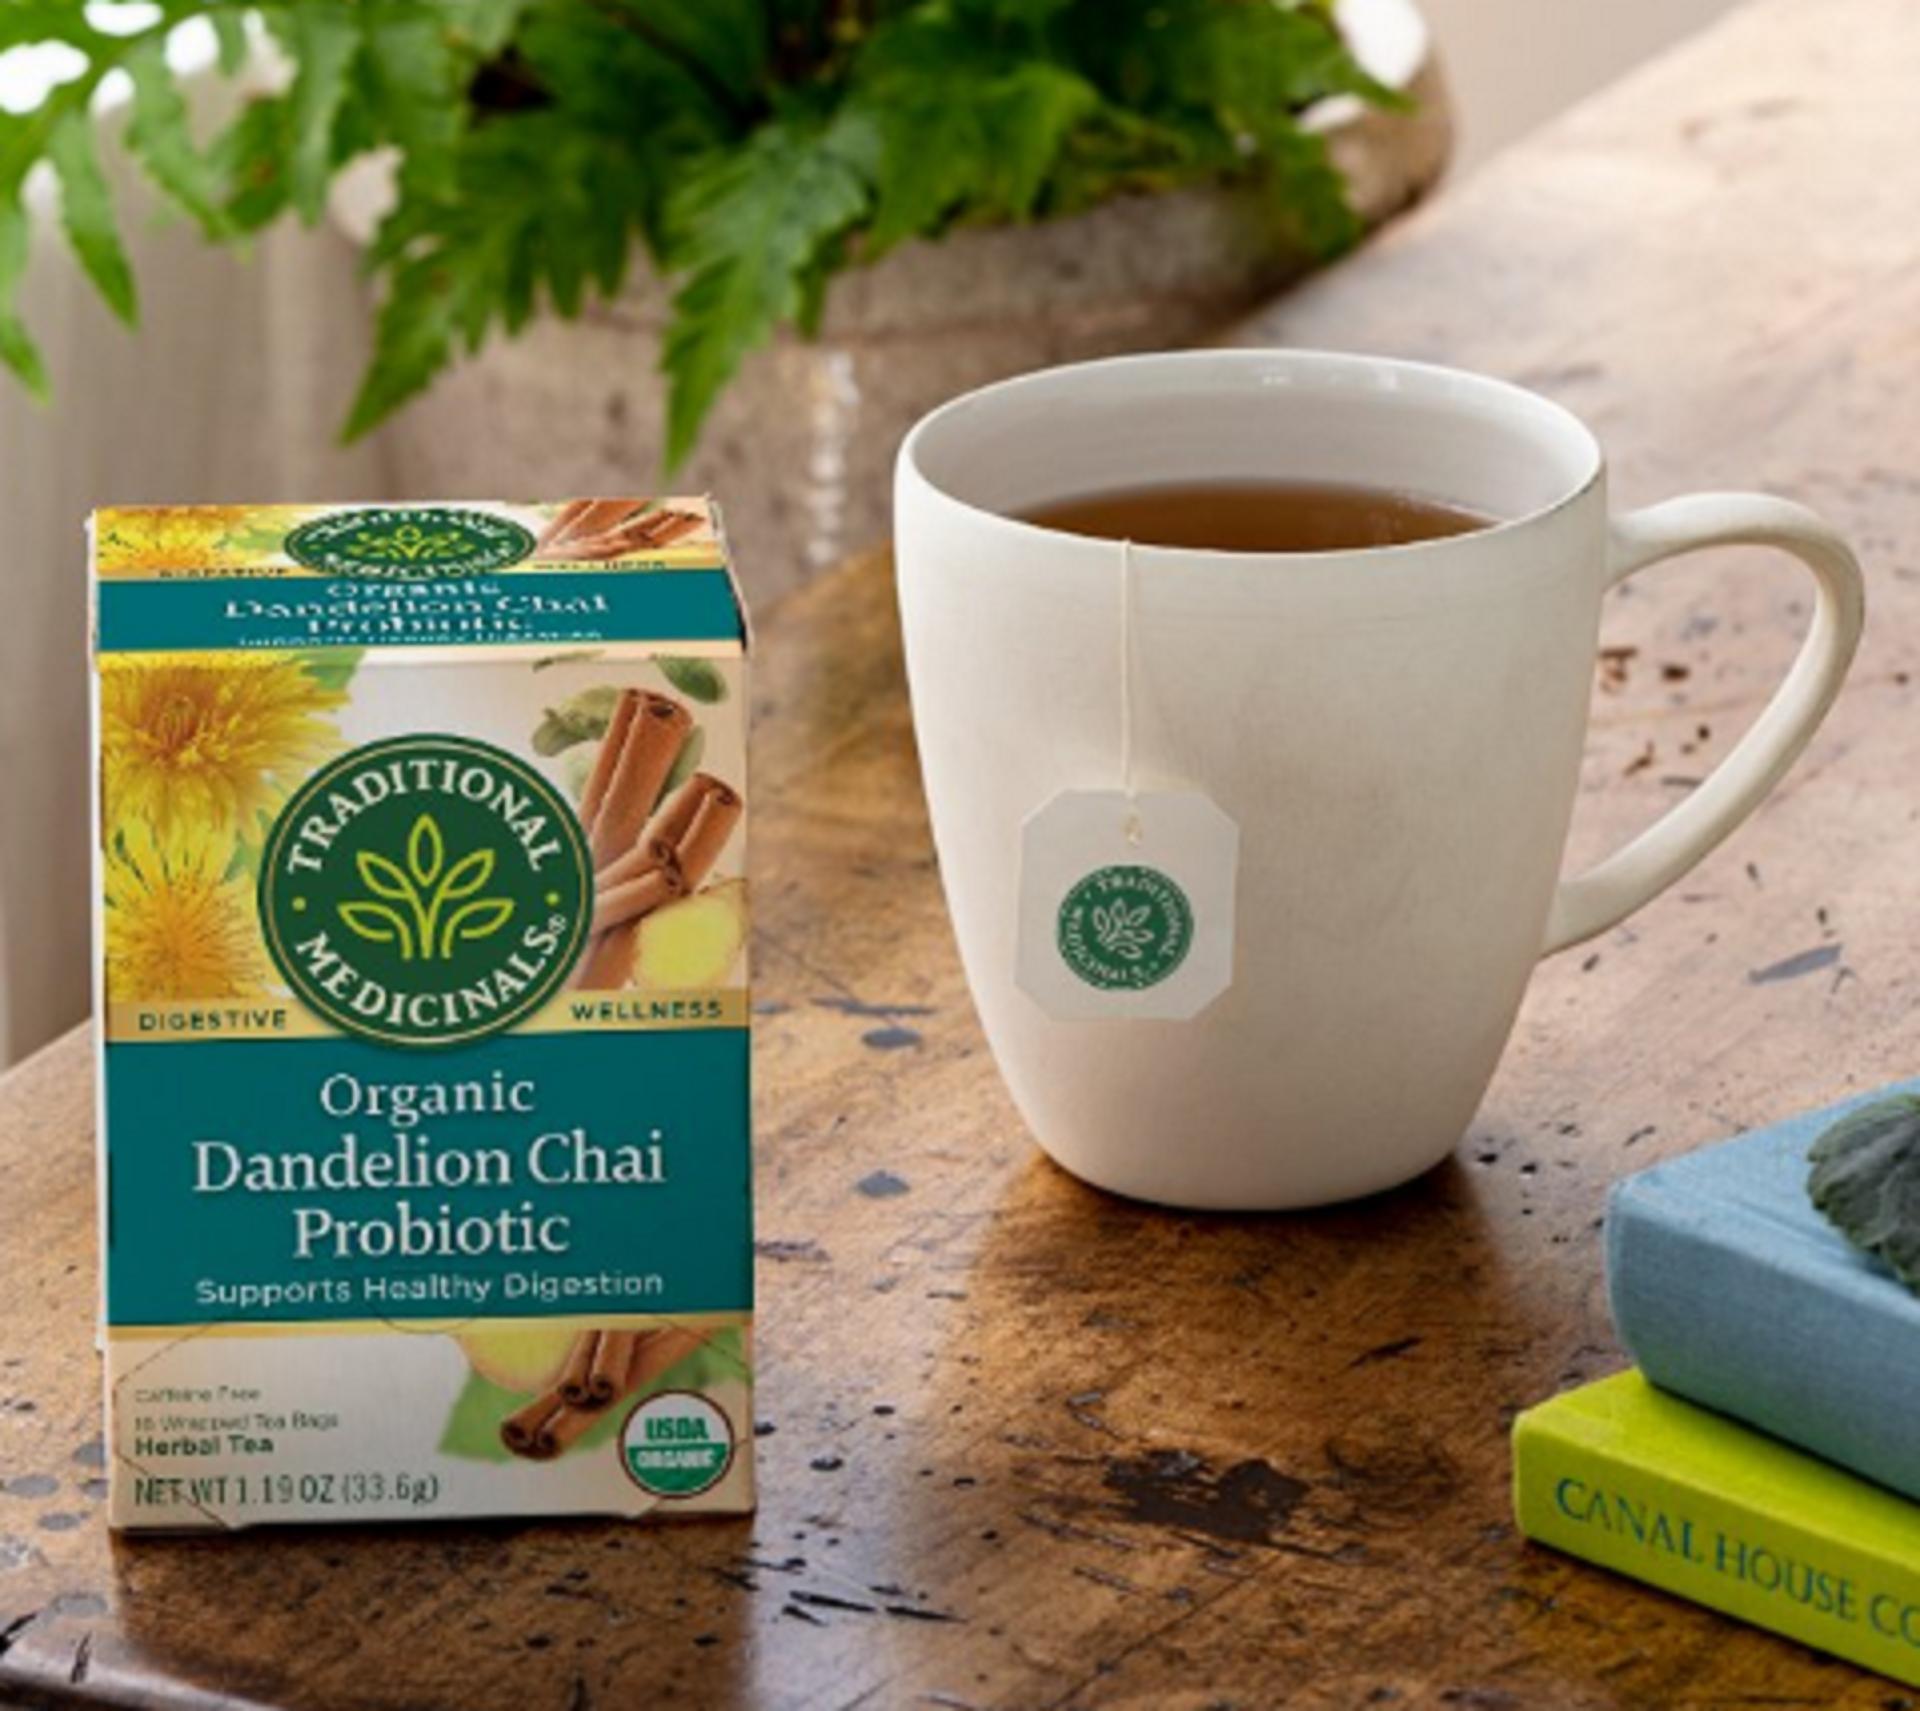 traditional medicinal organic dandelion probiotic tea